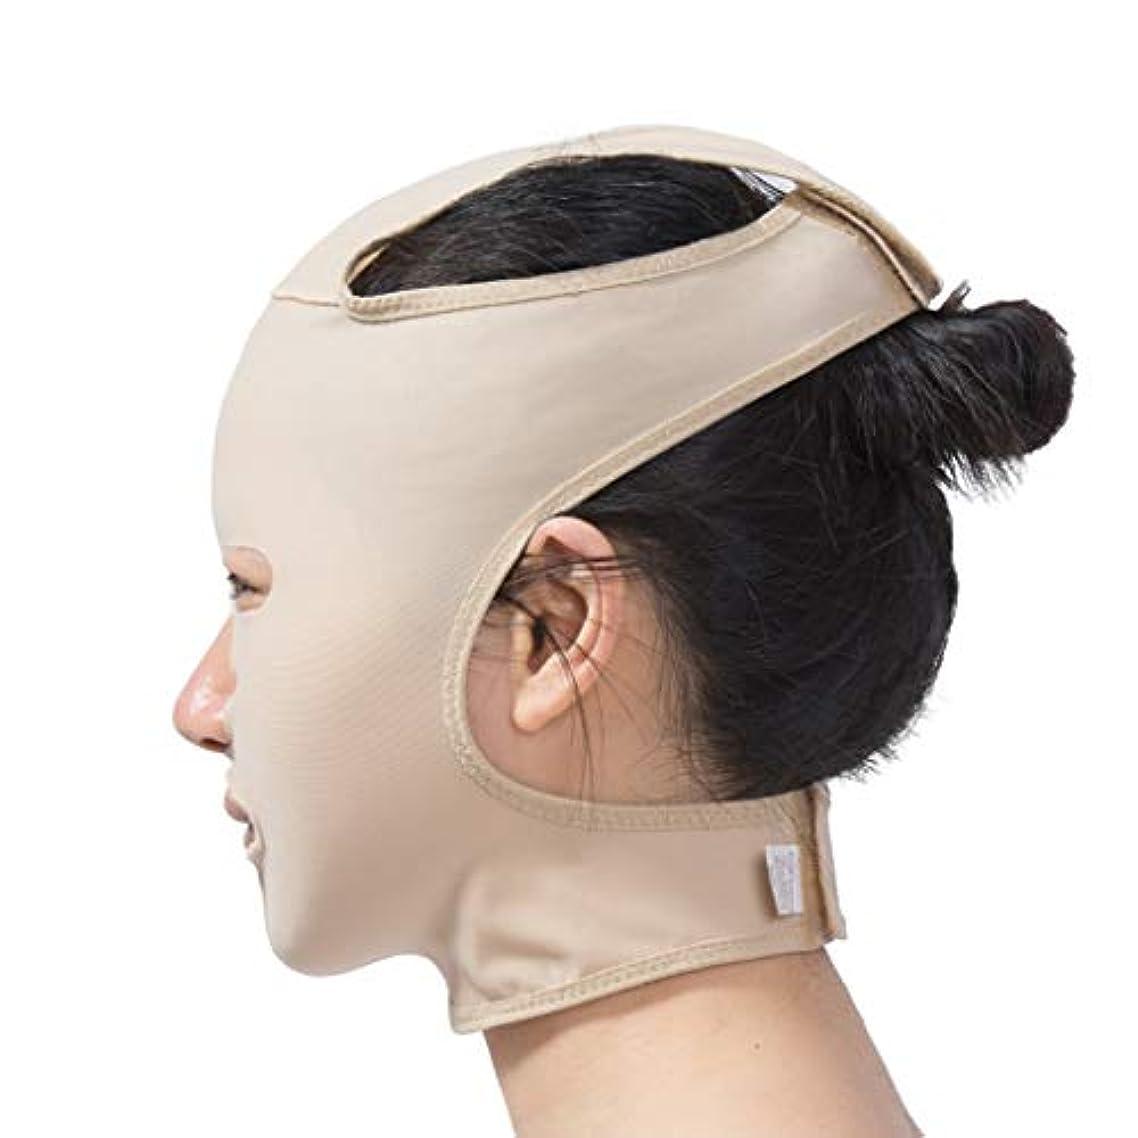 早い足キャラクターXHLMRMJ フェイスリフトマスク、フルフェイスマスク医療グレード圧力フェイスダブルチンプラスチック脂肪吸引術弾性包帯ヘッドギア後の顔の脂肪吸引術 (Size : XL)